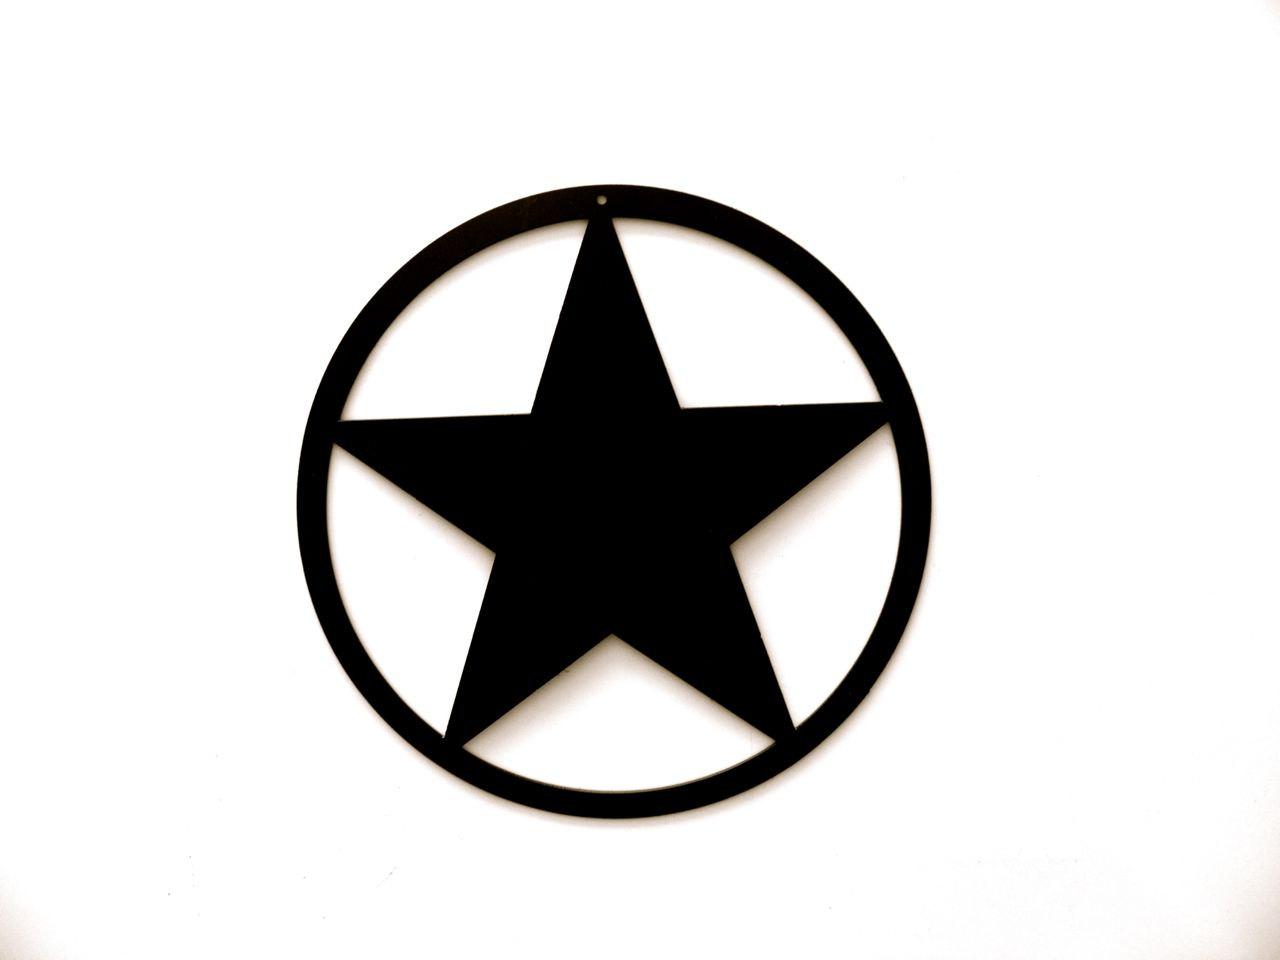 1280x960 Black Star In Circle Logos